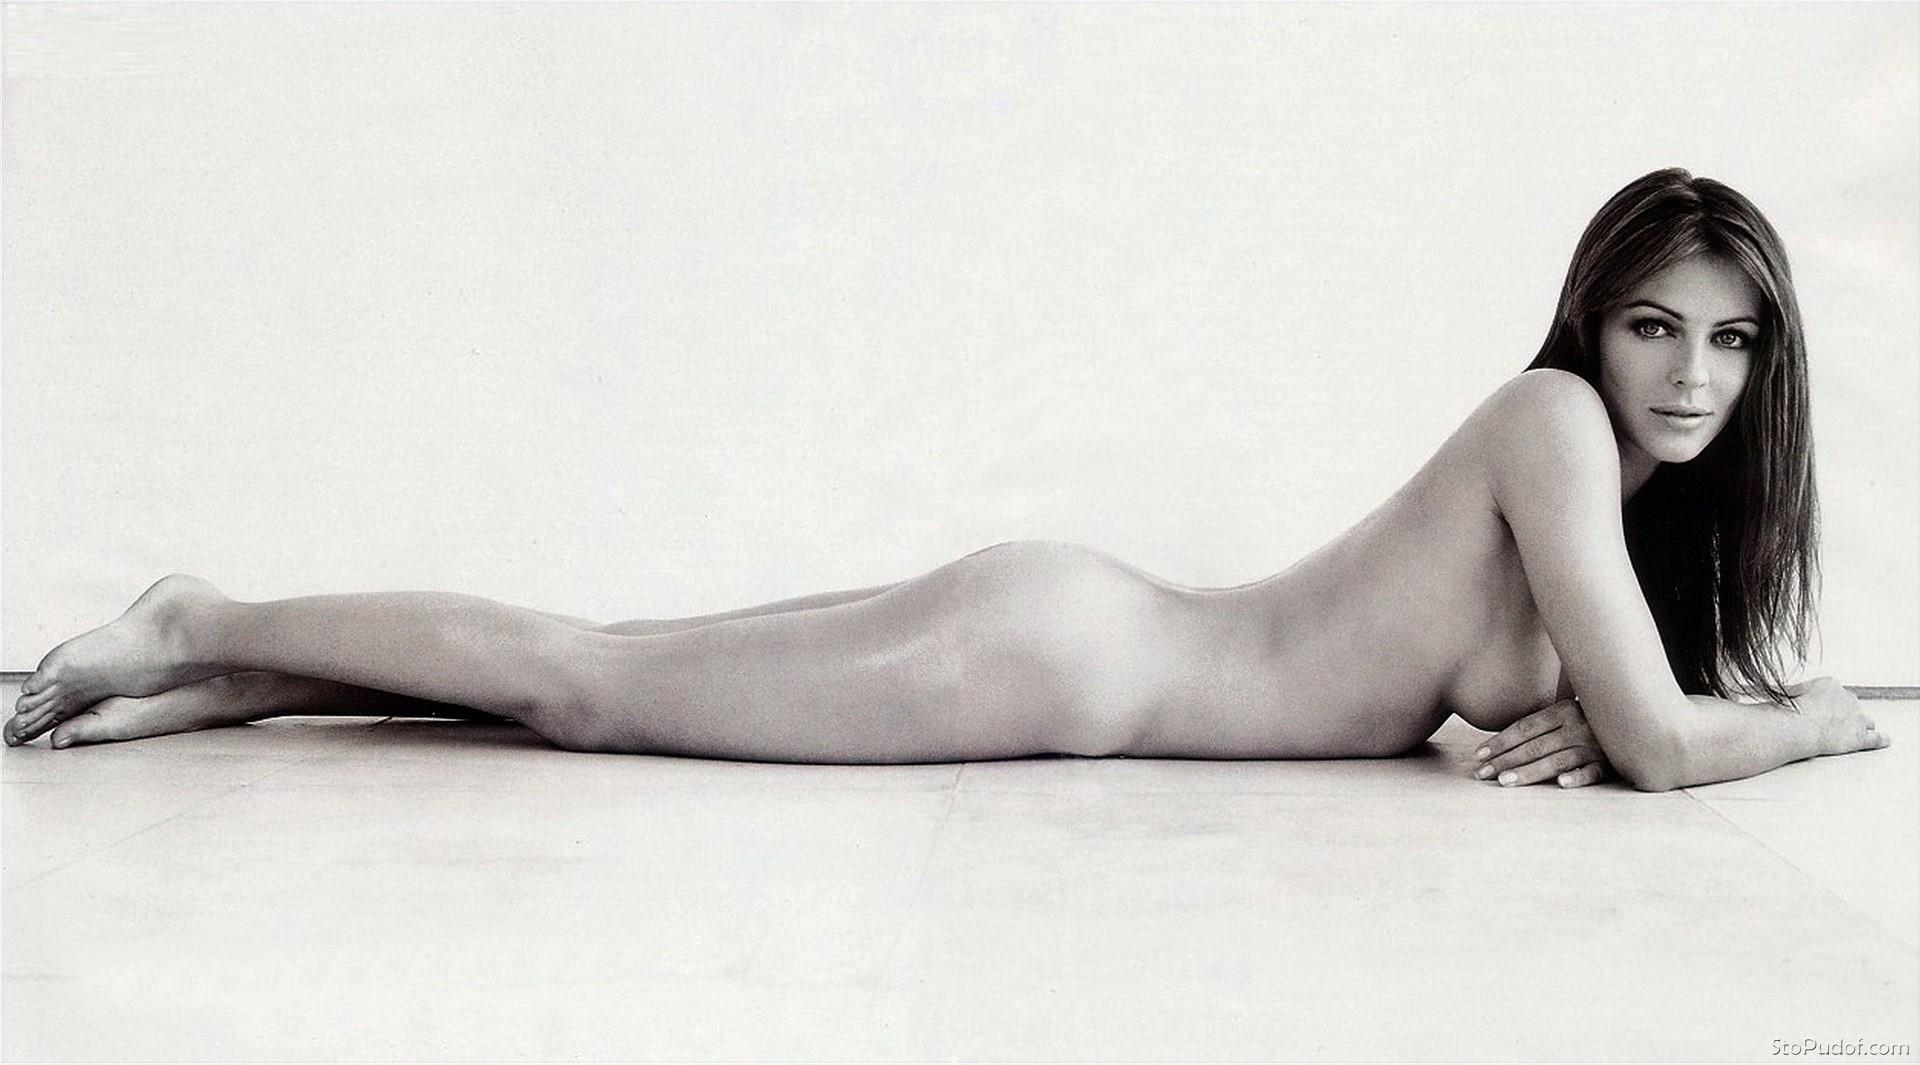 Elizabeth Hurley Looks Naked In New Instagram Pool Photo